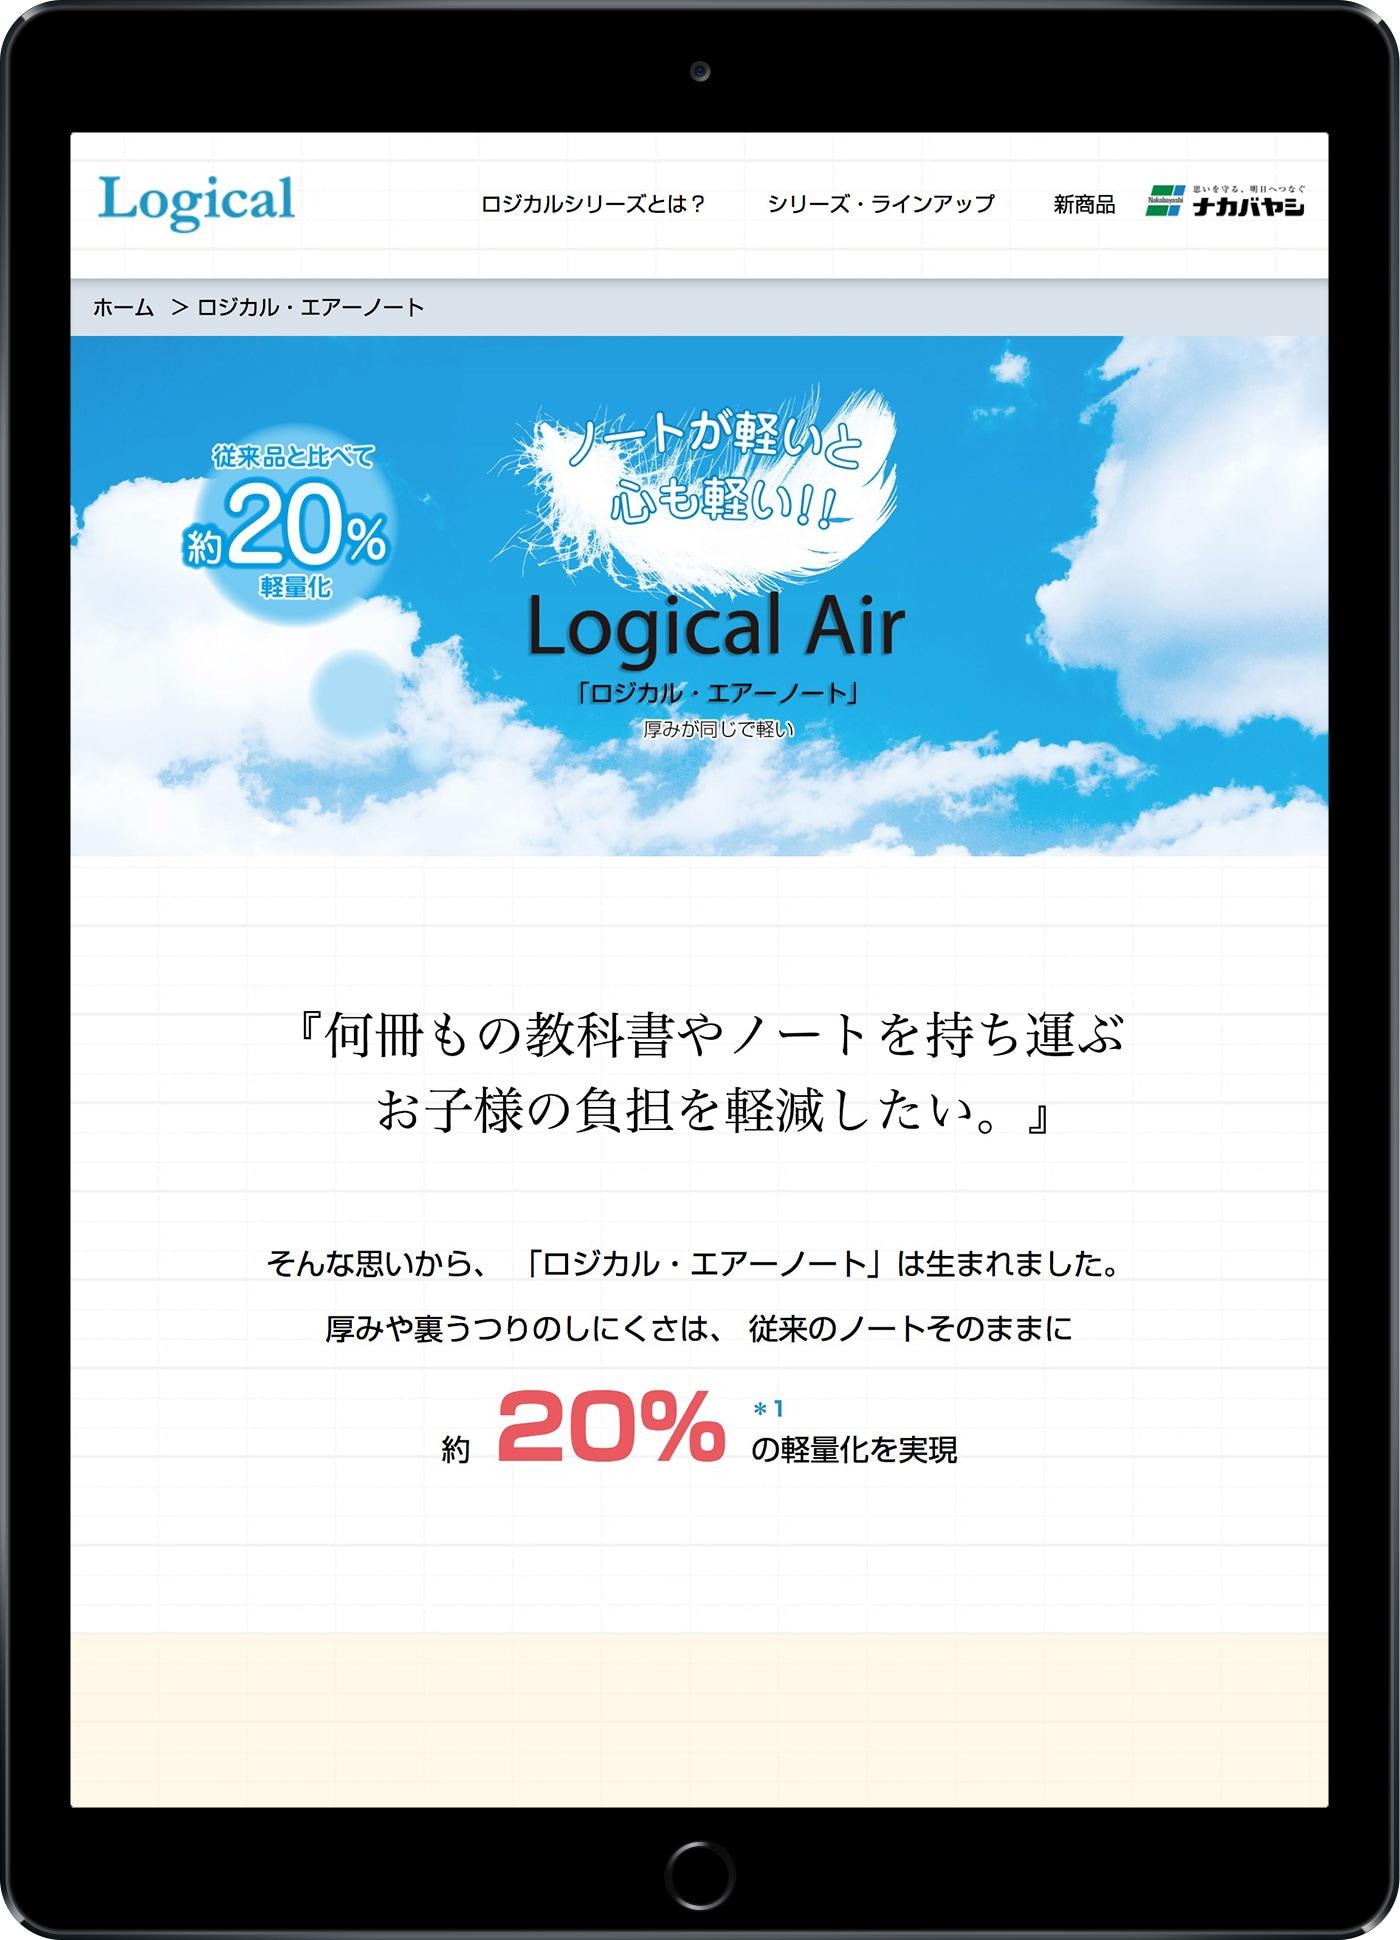 Logicalシリーズ  ブランドサイト